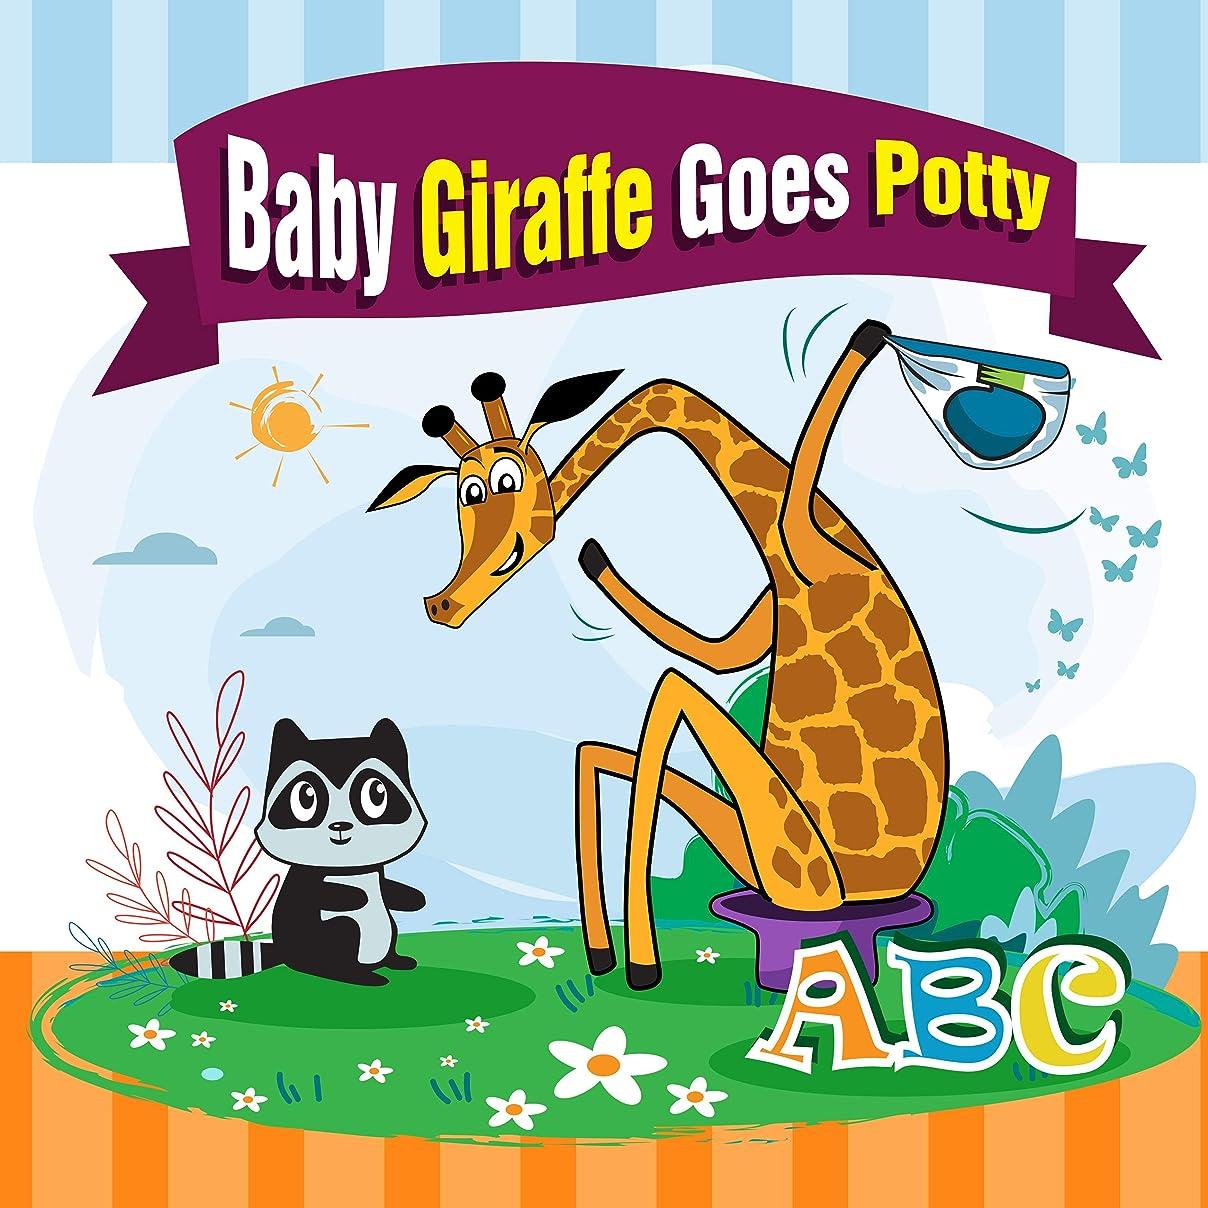 蒸し器軽専らBaby Giraffe Goes Potty.: The Funniest ABC Rhyming Book for Kids 2-5 Years Old, Toddler Book, Potty Training Books for Toddlers, The Perfect Potty Zoo Animals Books for Kids (English Edition)